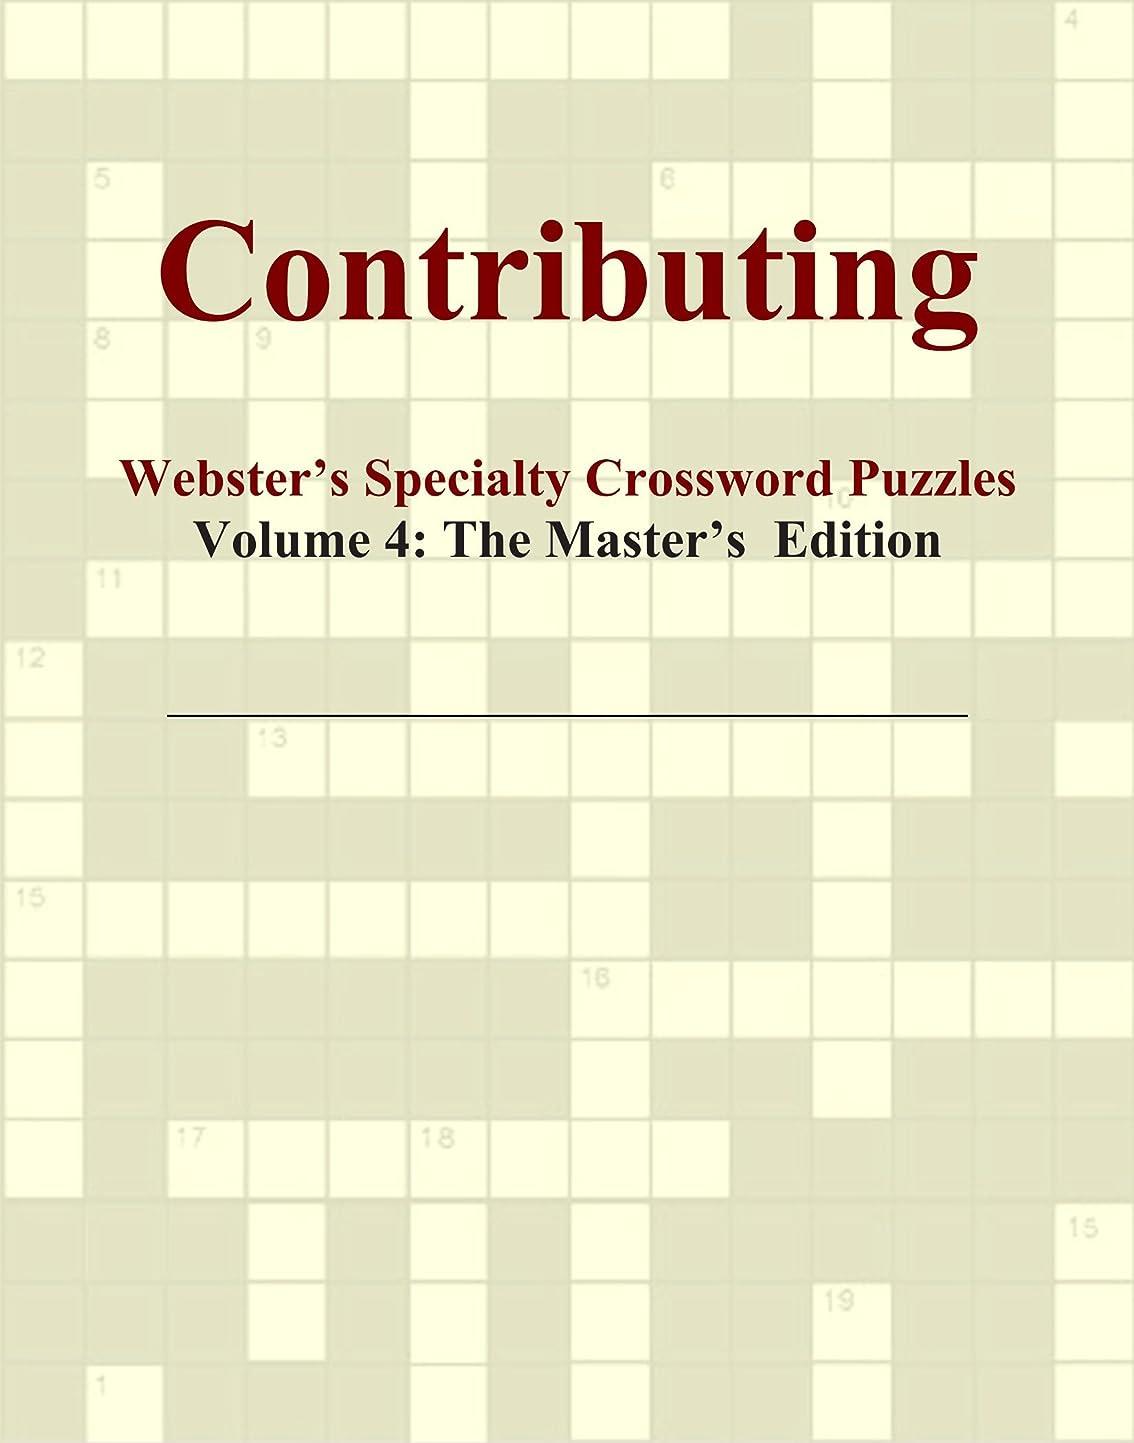 非難する米ドル電池Contributing - Webster's Specialty Crossword Puzzles, Volume 4: The Master's Edition